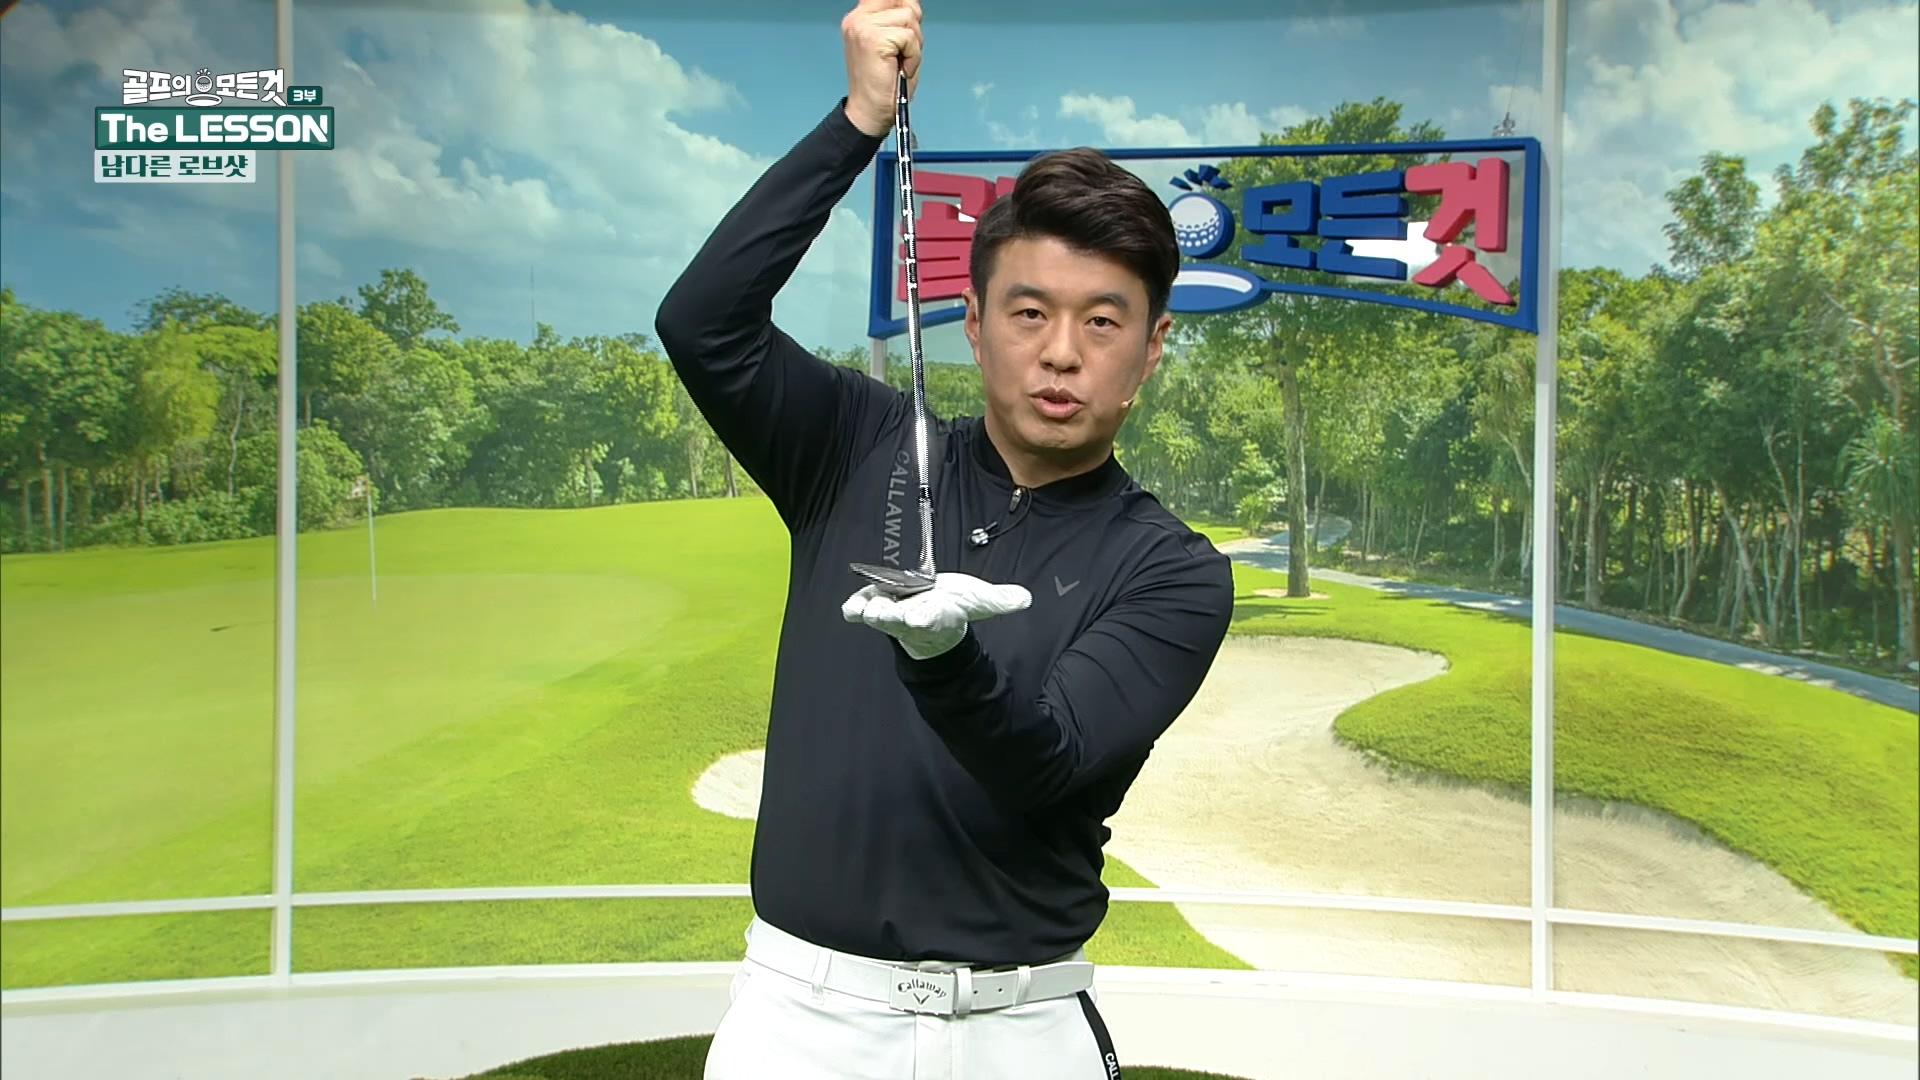 박성현 따라잡기 -  박성현의 남다른 로브&드라이버 샷 따라잡기!